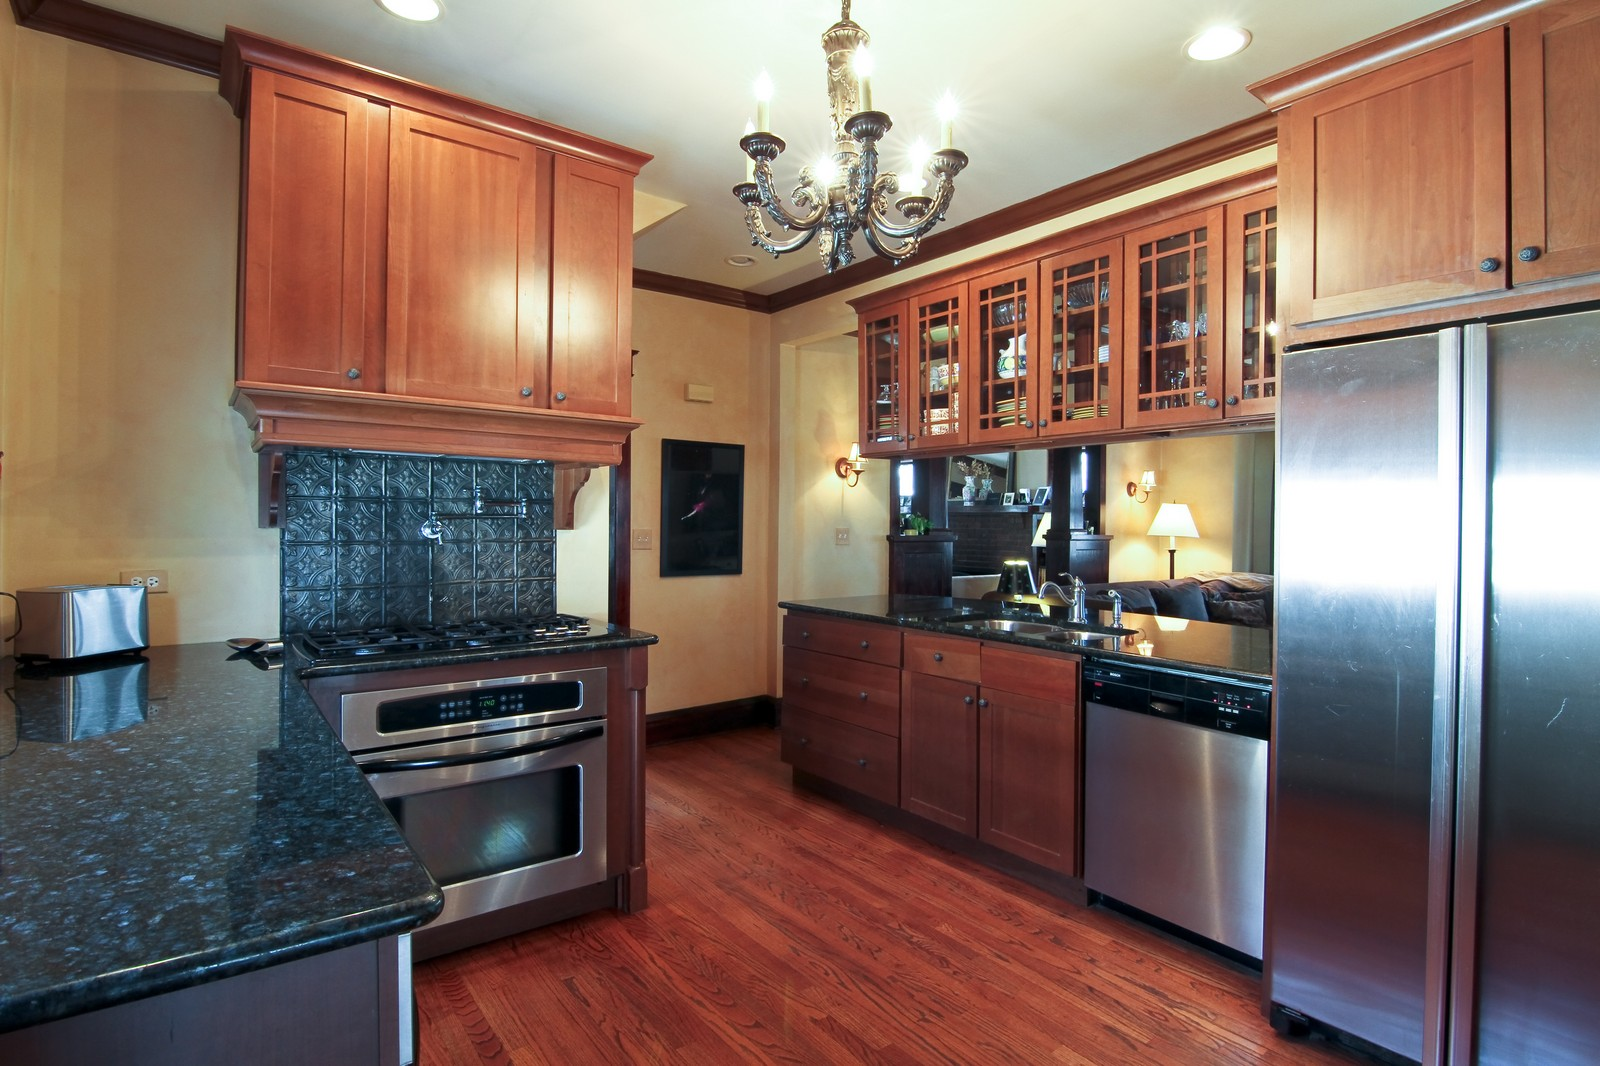 Real Estate Photography - 338 S. 8th, La Grange, IL, 60525 - Kitchen